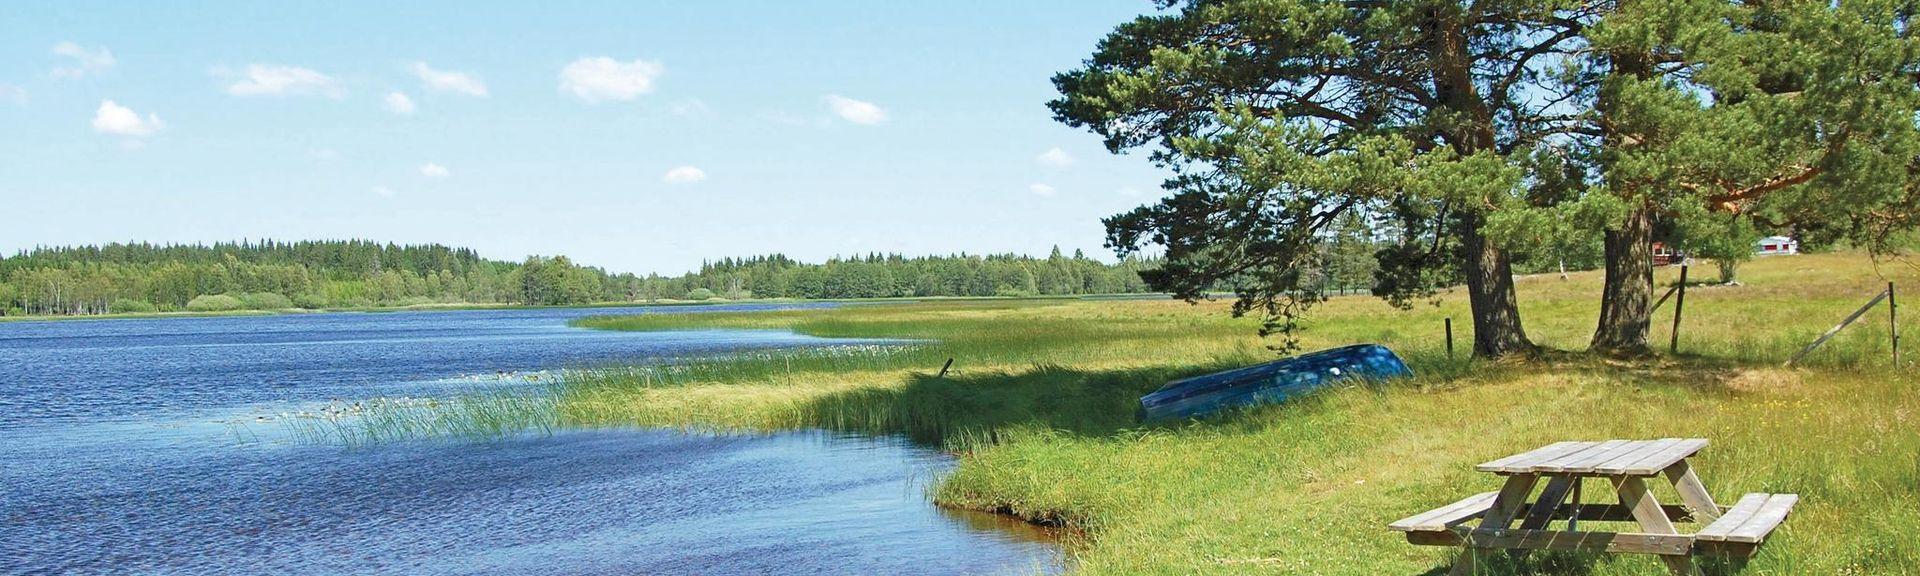 Värnamo Ö, Värnamo, Jönköpings län, Sverige